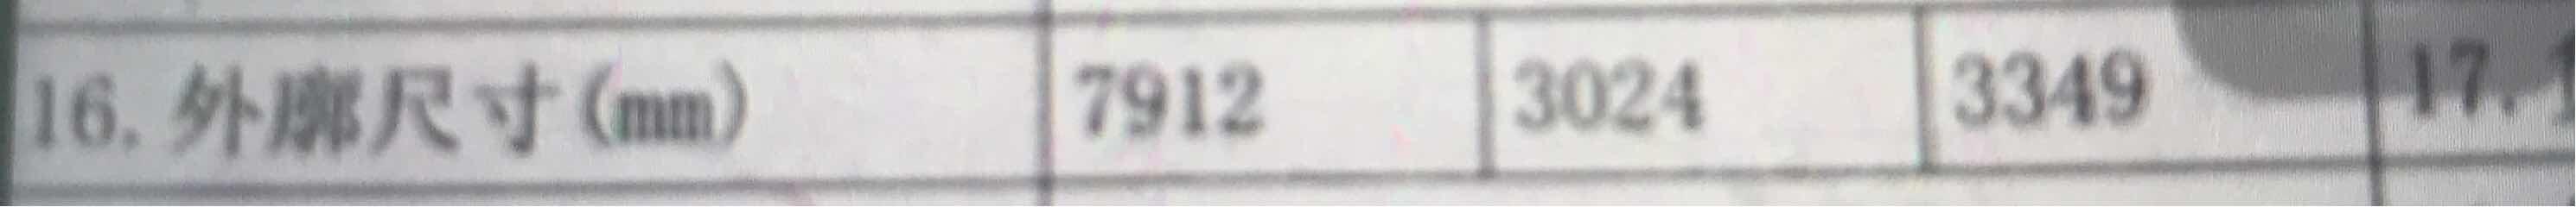 临工952H参数是多少啊?长度